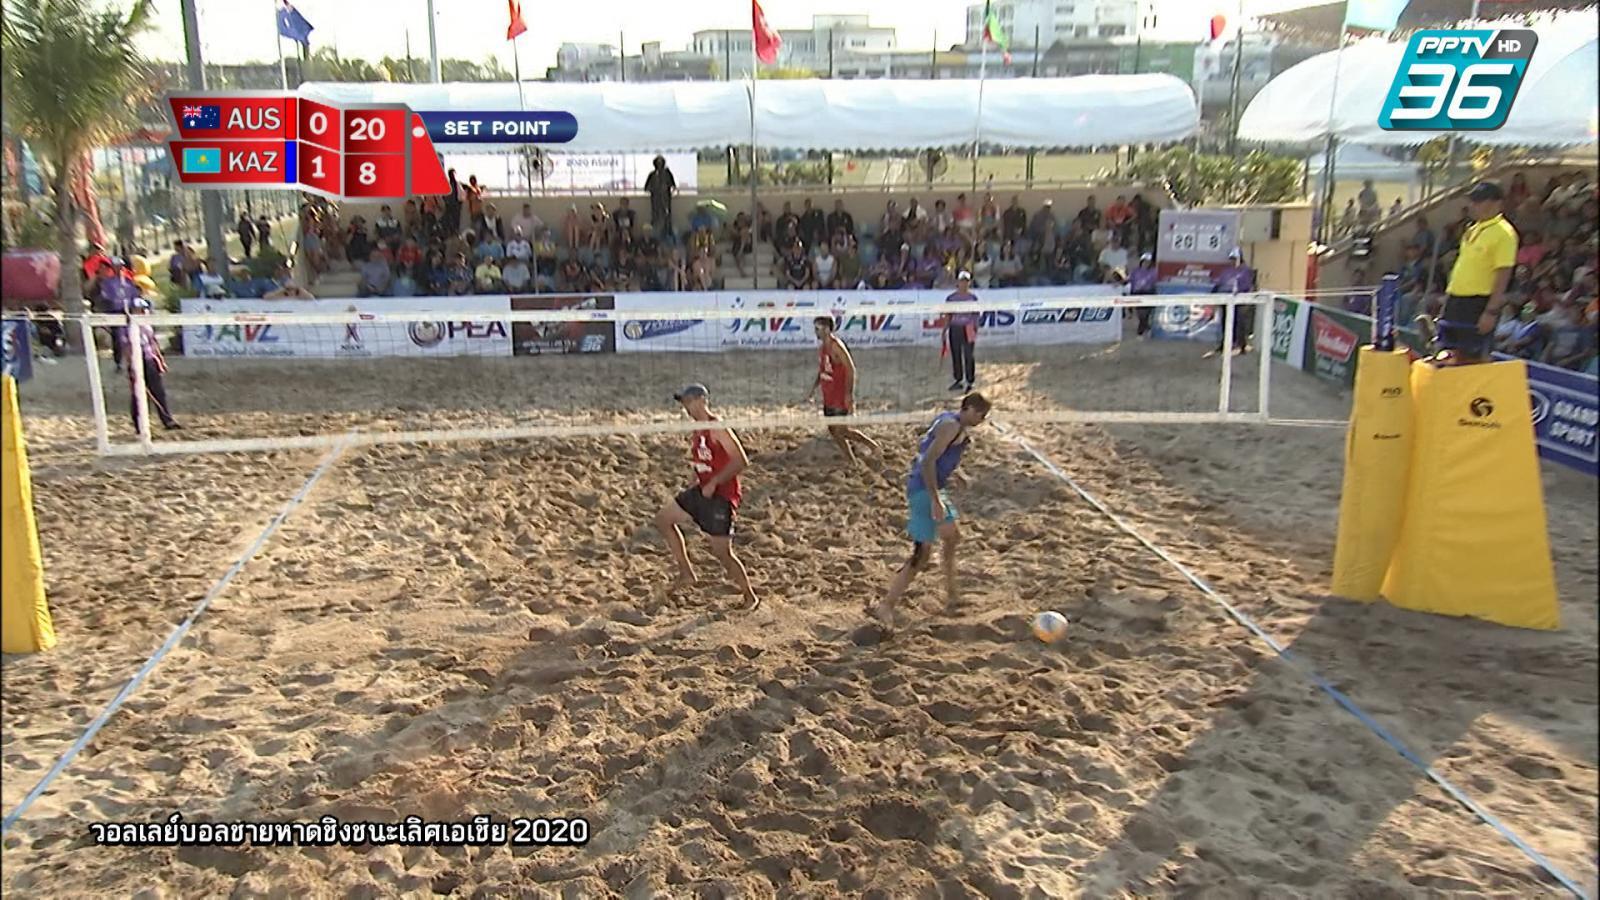 การแข่งขันวอลเลย์บอลชายหาด เอสโคล่า ชิงชนะเลิศแห่งเอเชีย ประเภทชายคู่ | ทีมชาติคาซัคสถาน พบ ทีมชาติออสเตรเลีย